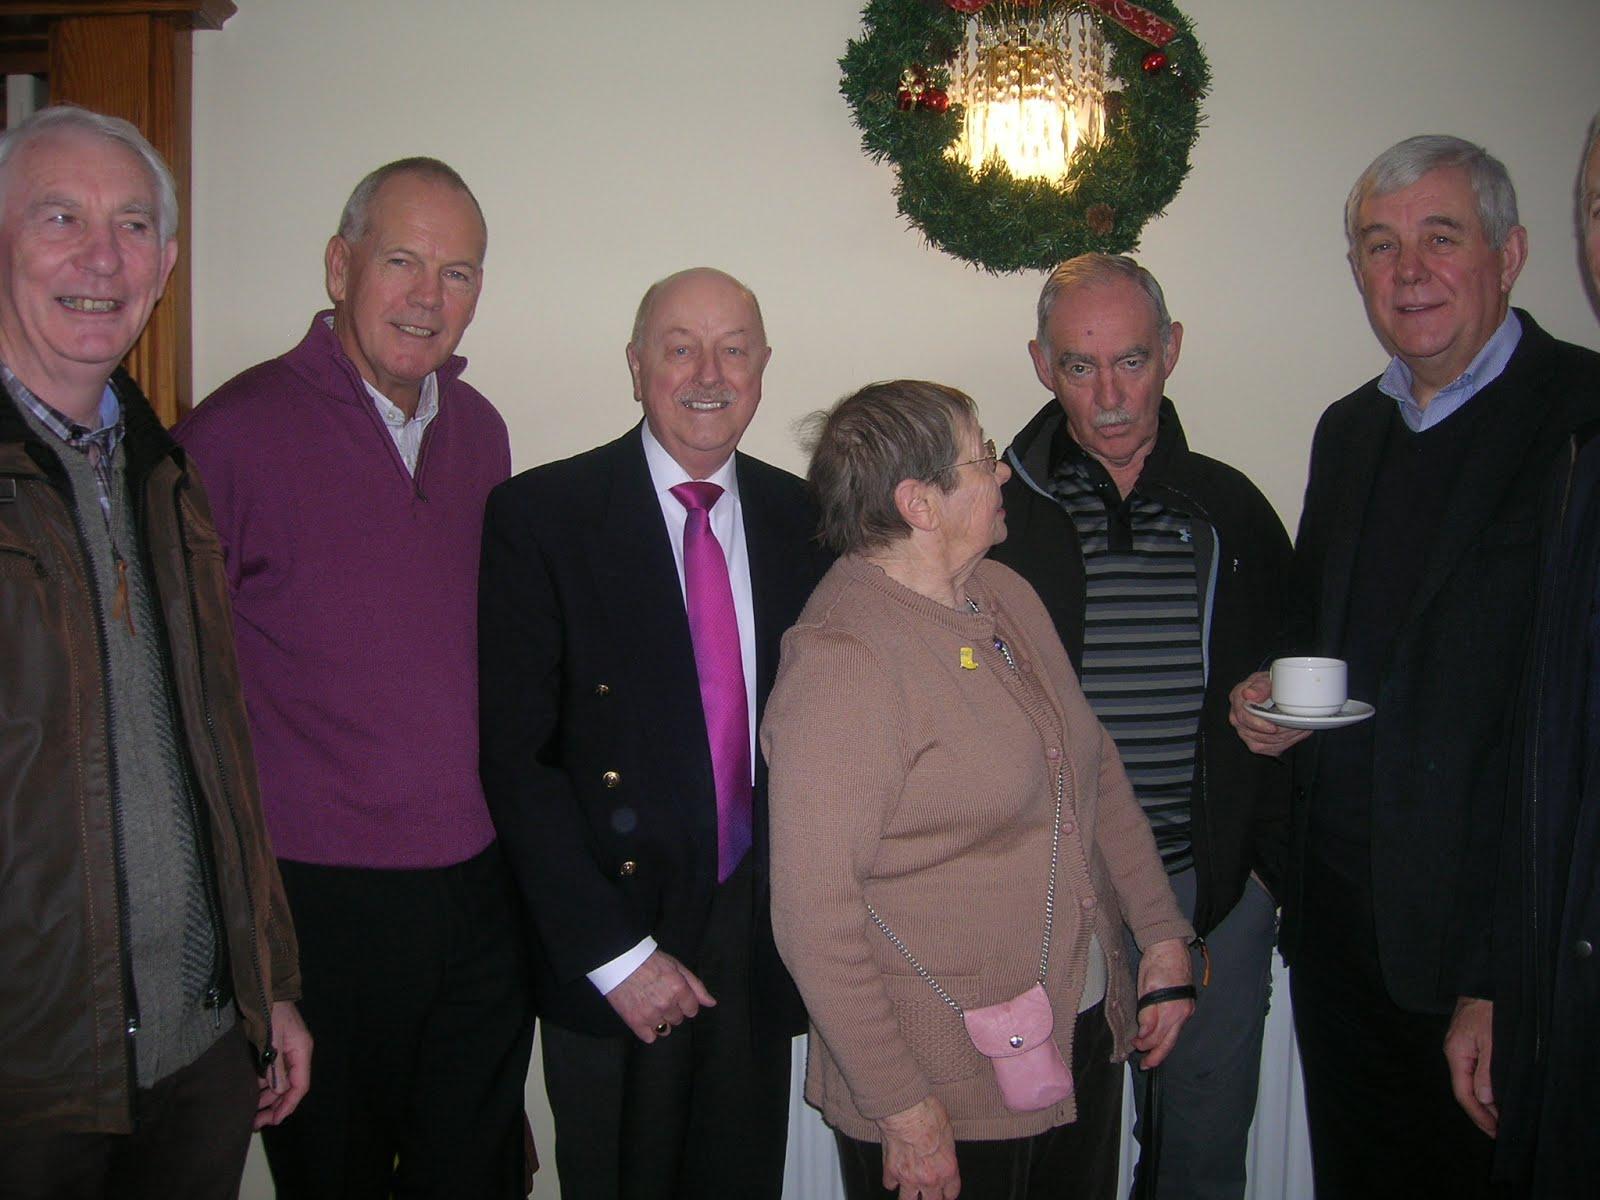 Michael, Pat, Denis, Frank and Padraic